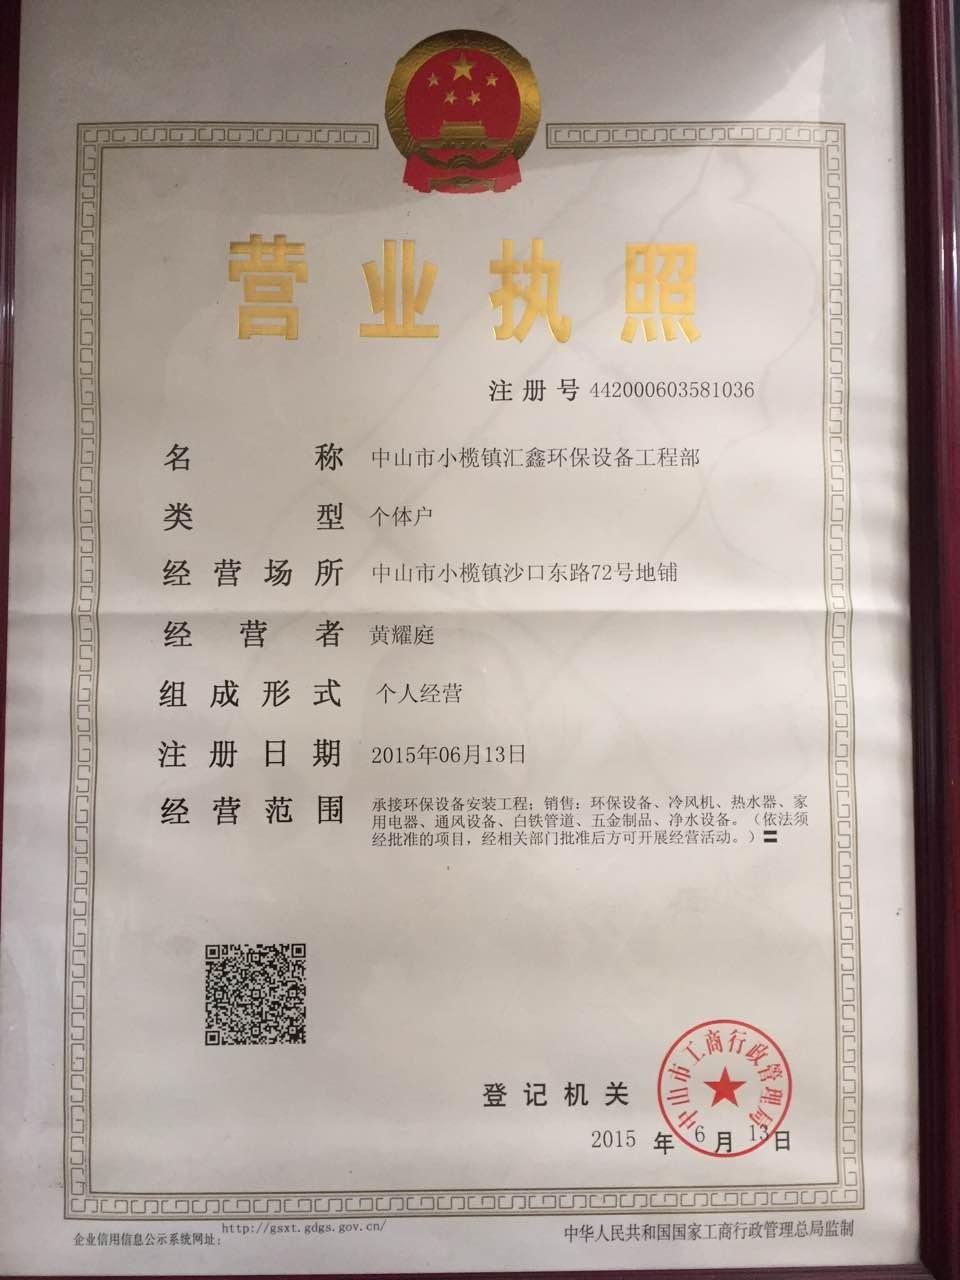 中山市小榄镇汇鑫环保设备工程部企业档案